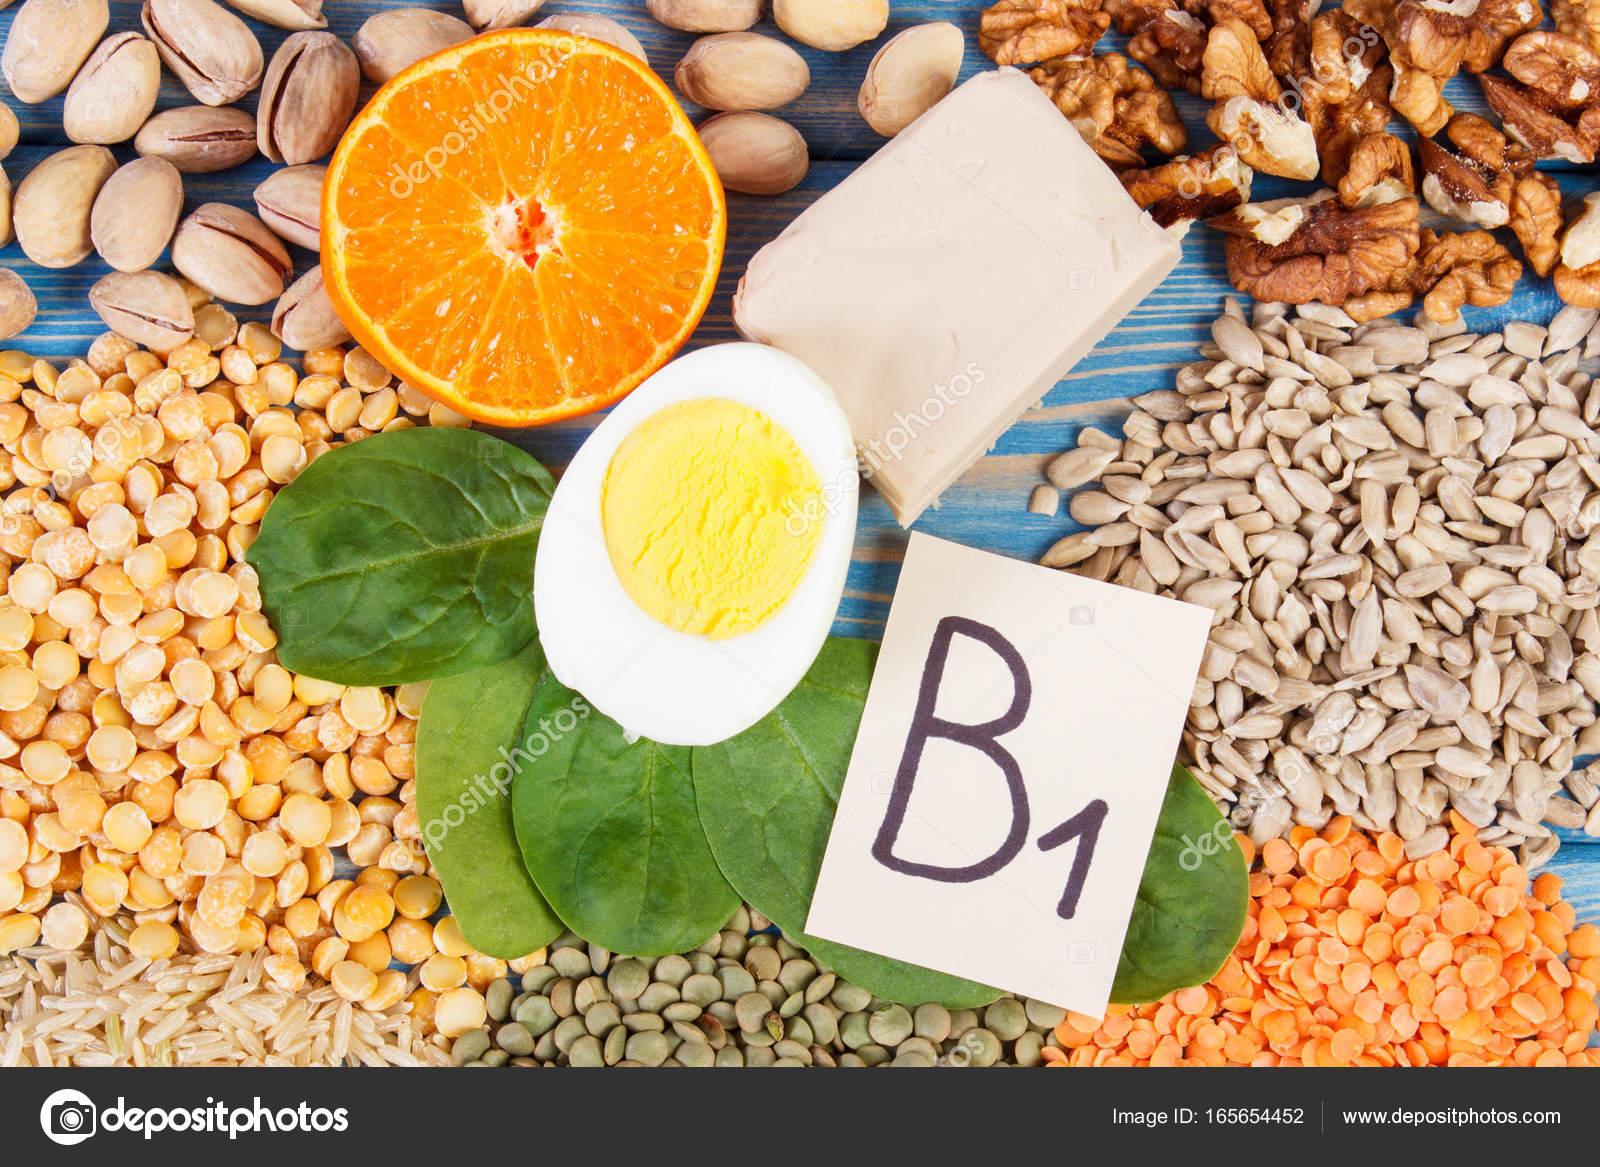 Doğal Beslenme (Organik Beslenme) ile Sağlıklı Yaşam